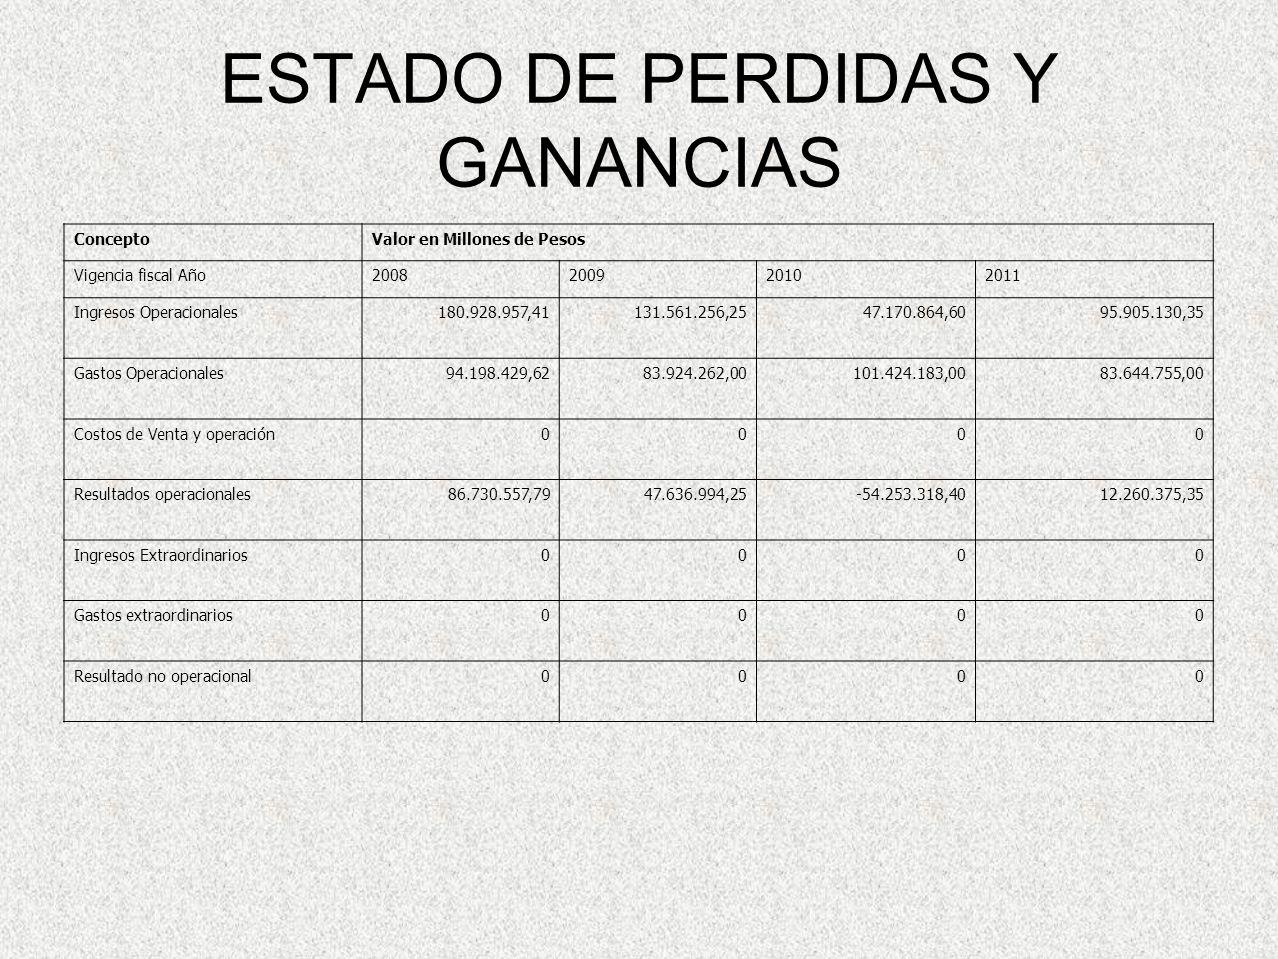 ESTADO DE PERDIDAS Y GANANCIAS ConceptoValor en Millones de Pesos Vigencia fiscal Año2008200920102011 Ingresos Operacionales180.928.957,41131.561.256,